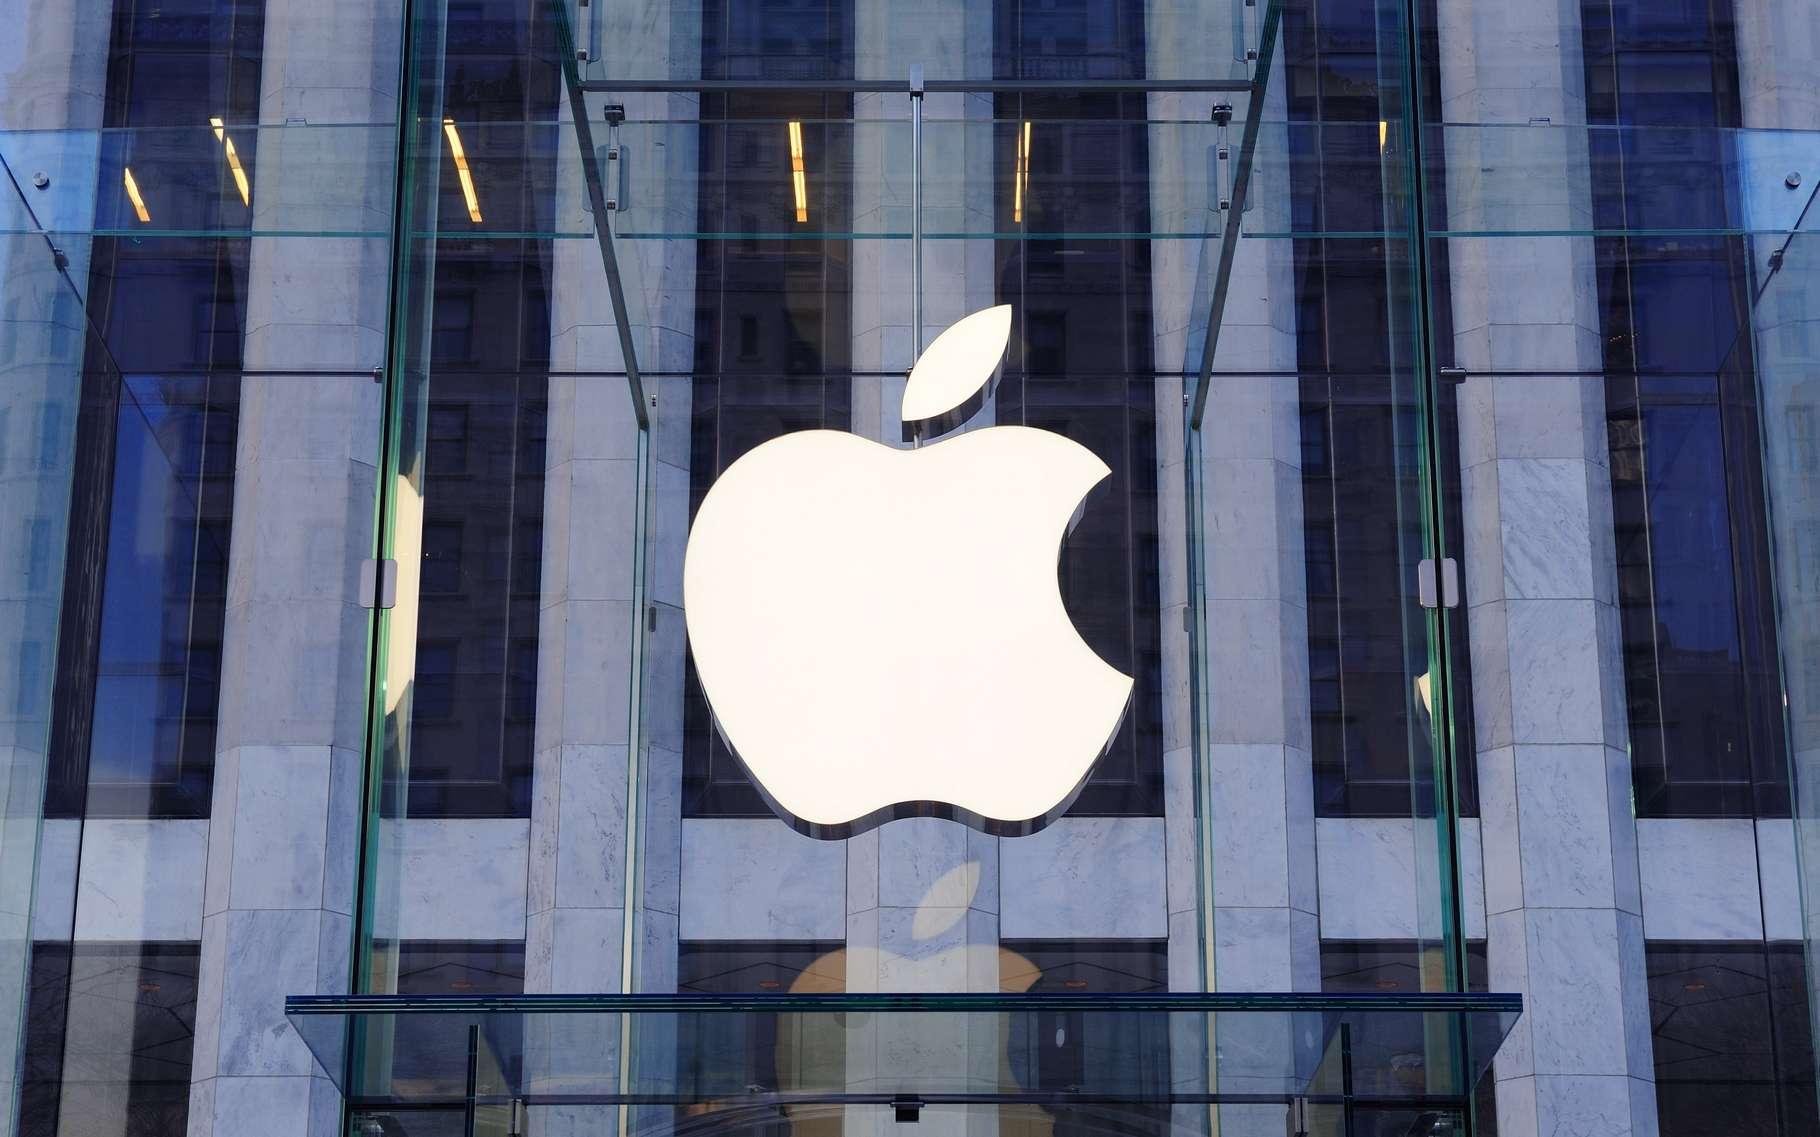 Historiquement, les ordinateurs ont bâti la légende Apple mais la marque dépend aujourd'hui largement des ventes de son smartphone iPhone. Elle cherche à se diversifier dans les montres connectées avec l'Apple Watch et travaillerait en secret sur un projet de voiture électrique. © Songquan Deng, Shutterstock